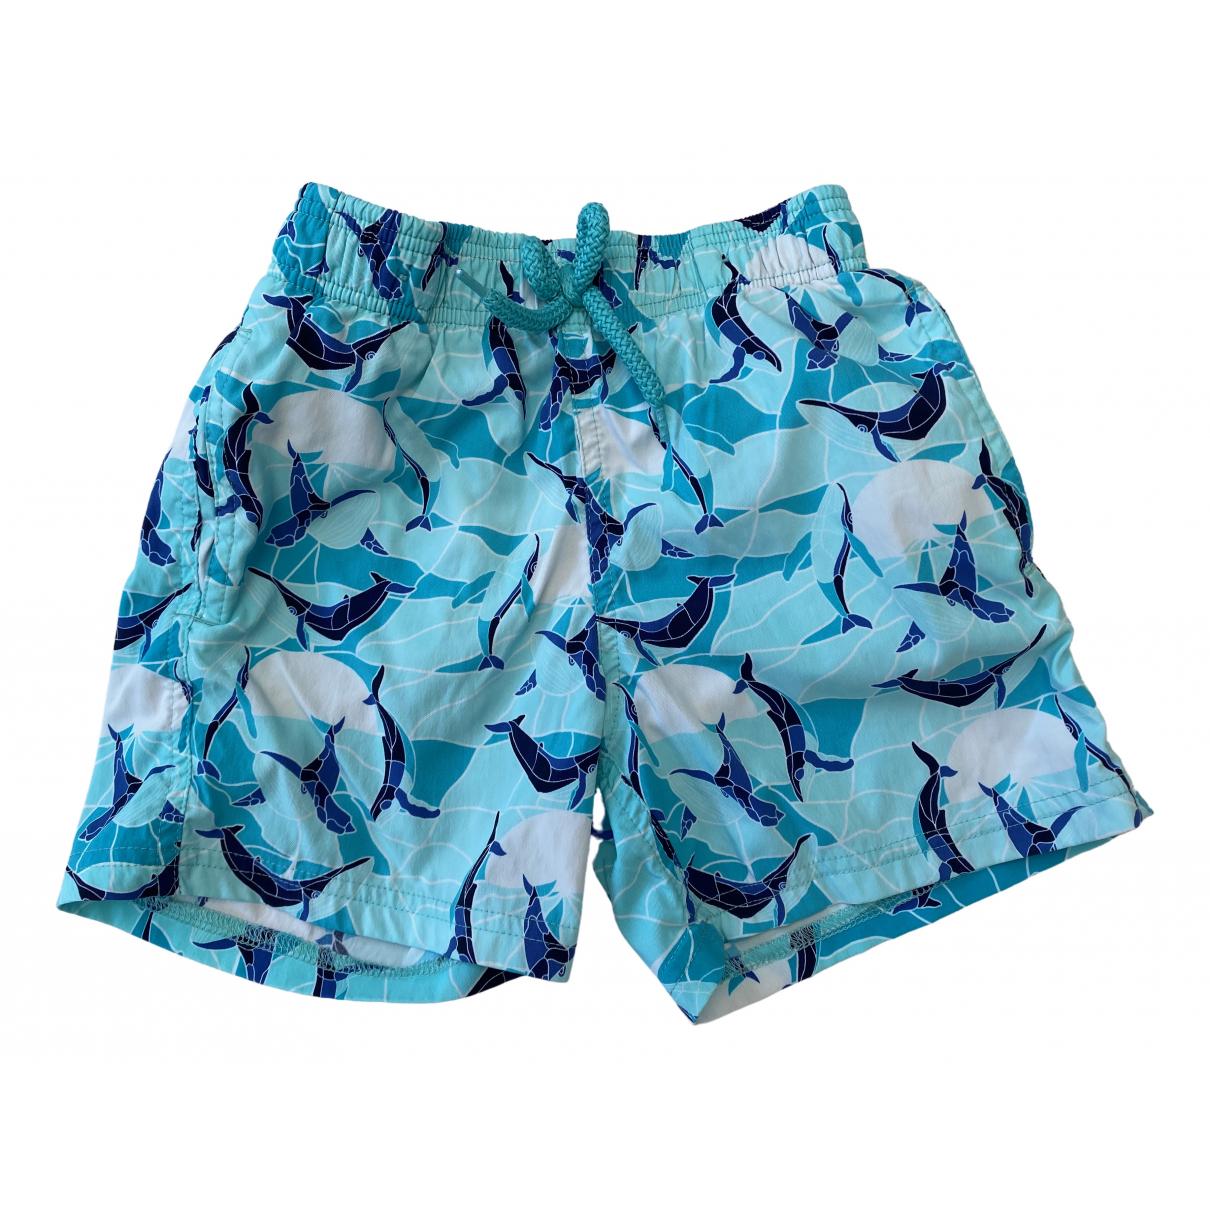 Vilebrequin - Short   pour enfant - bleu